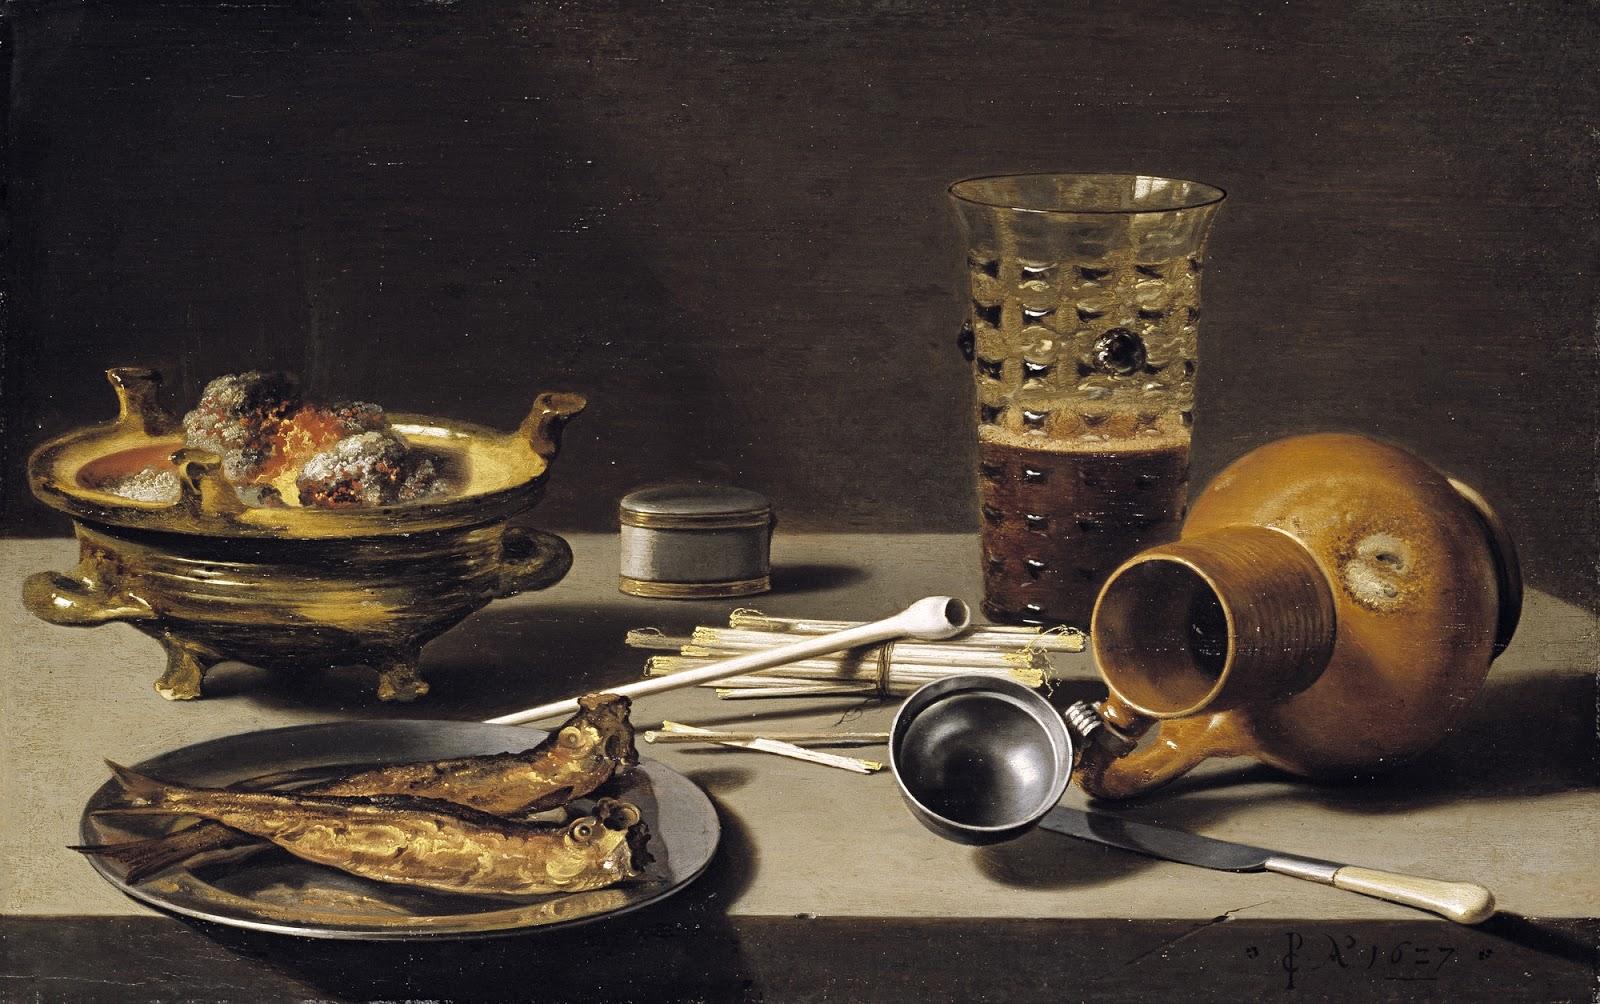 Питер Клас, «Натюрморт с рыбой, кувшином, бокалом и курительными принадлежностями», 1627